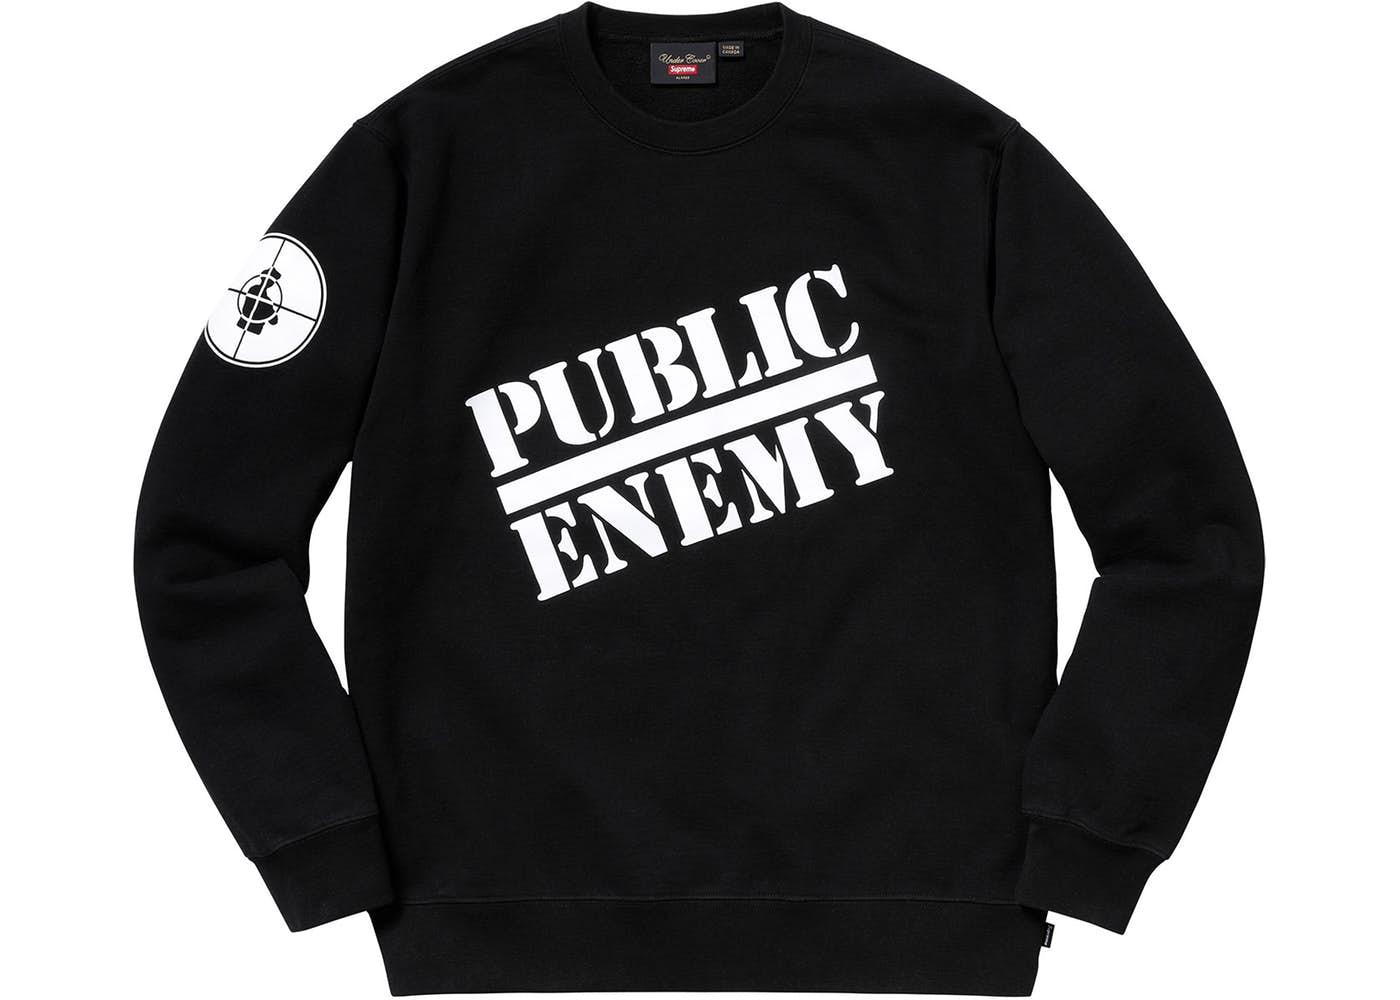 992377aecd73 Supreme UNDERCOVER/Public Enemy Crewneck Sweatshirt Black